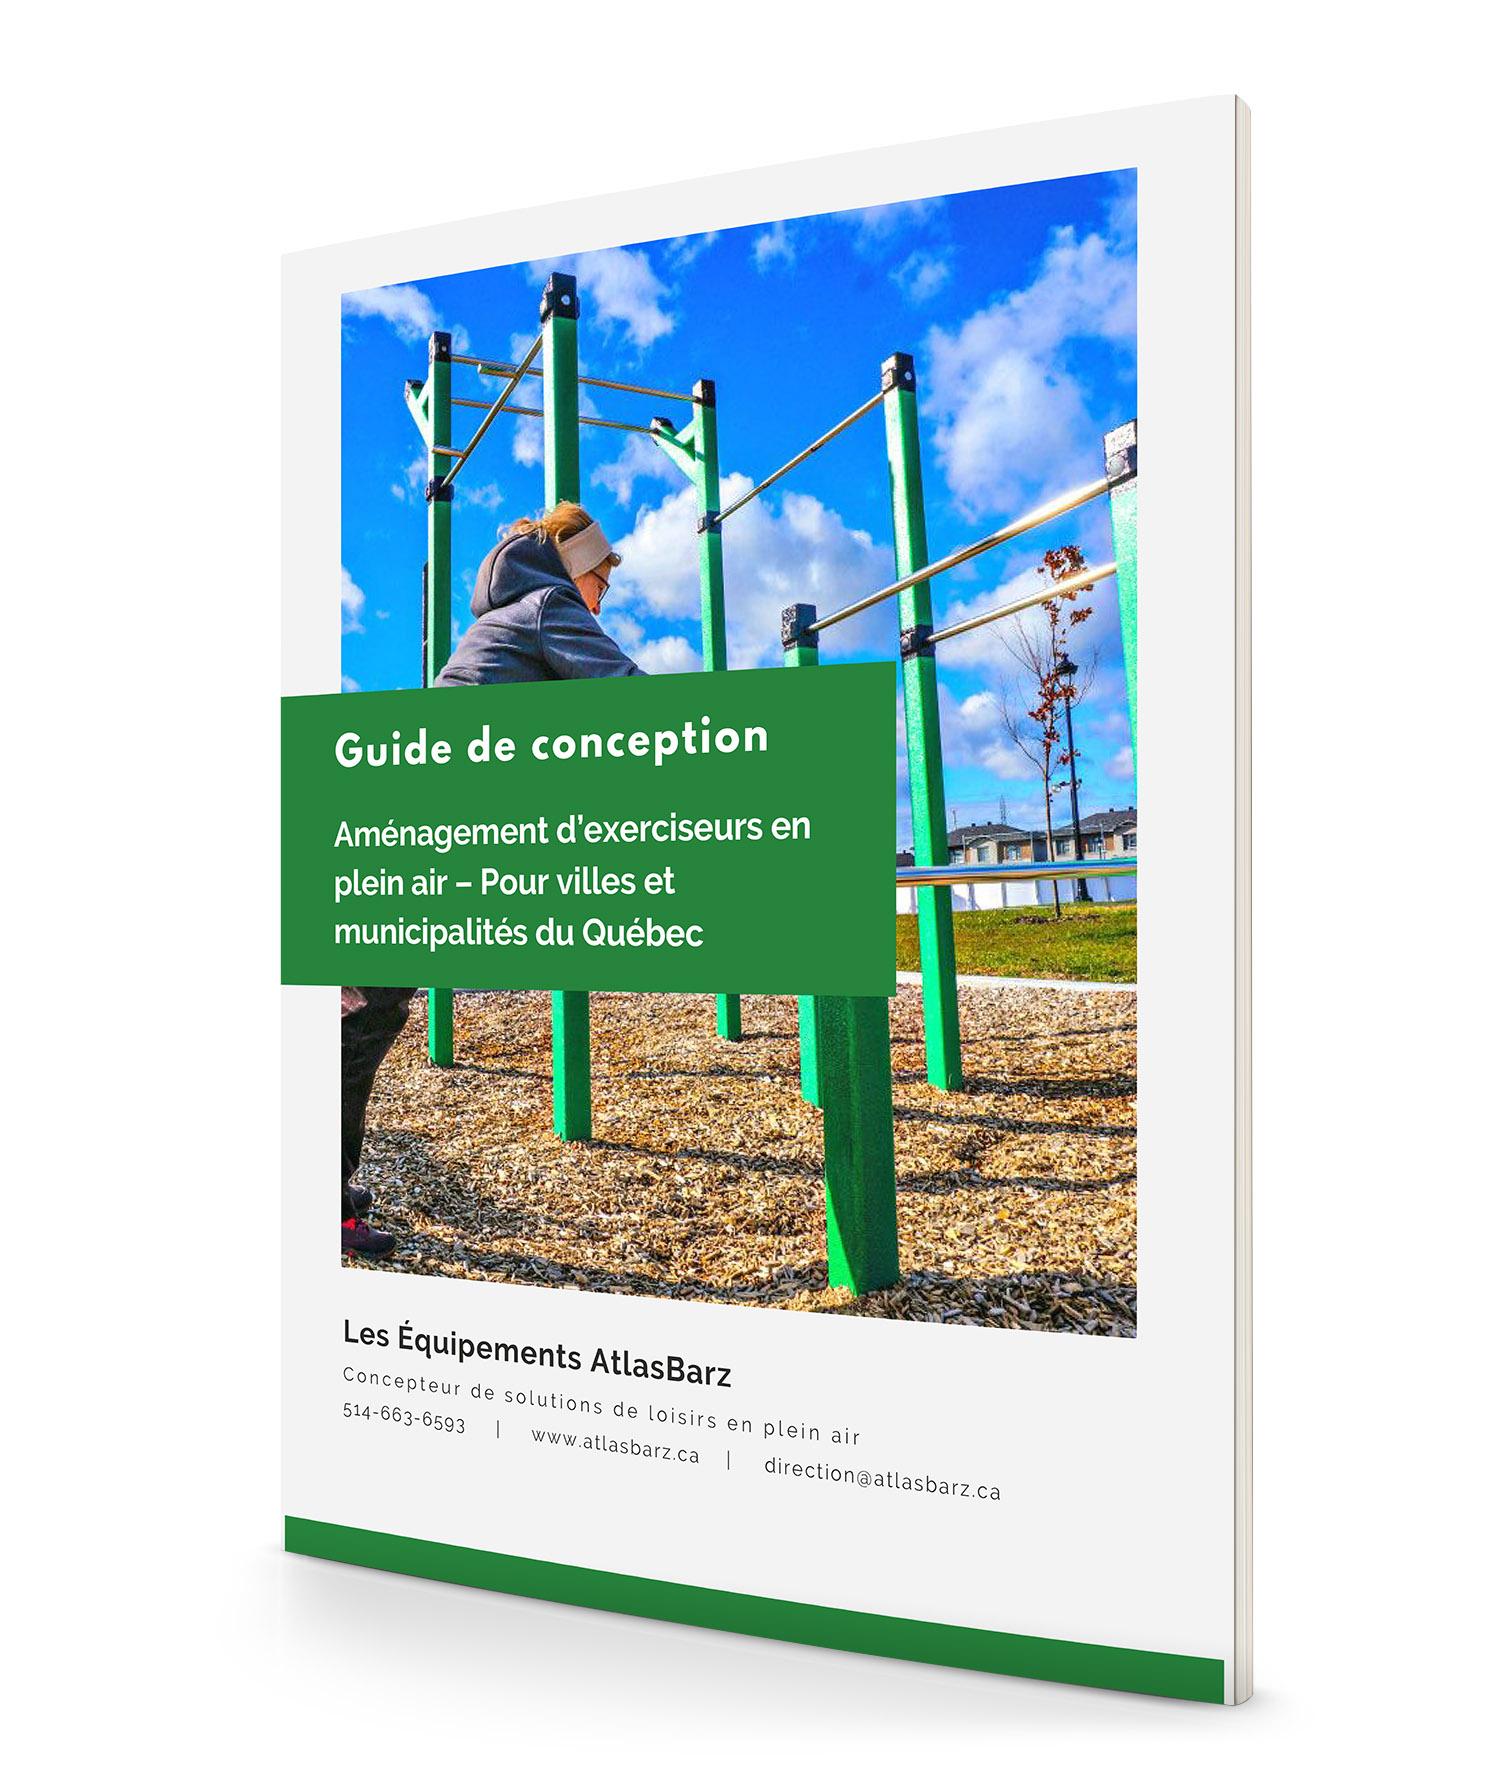 Page Couverture Guide de conception Aménagement exerciseurs en plein air Pour villes et municipalités du Québec Guide de conception   Aménagement d'exerciseurs en plein air